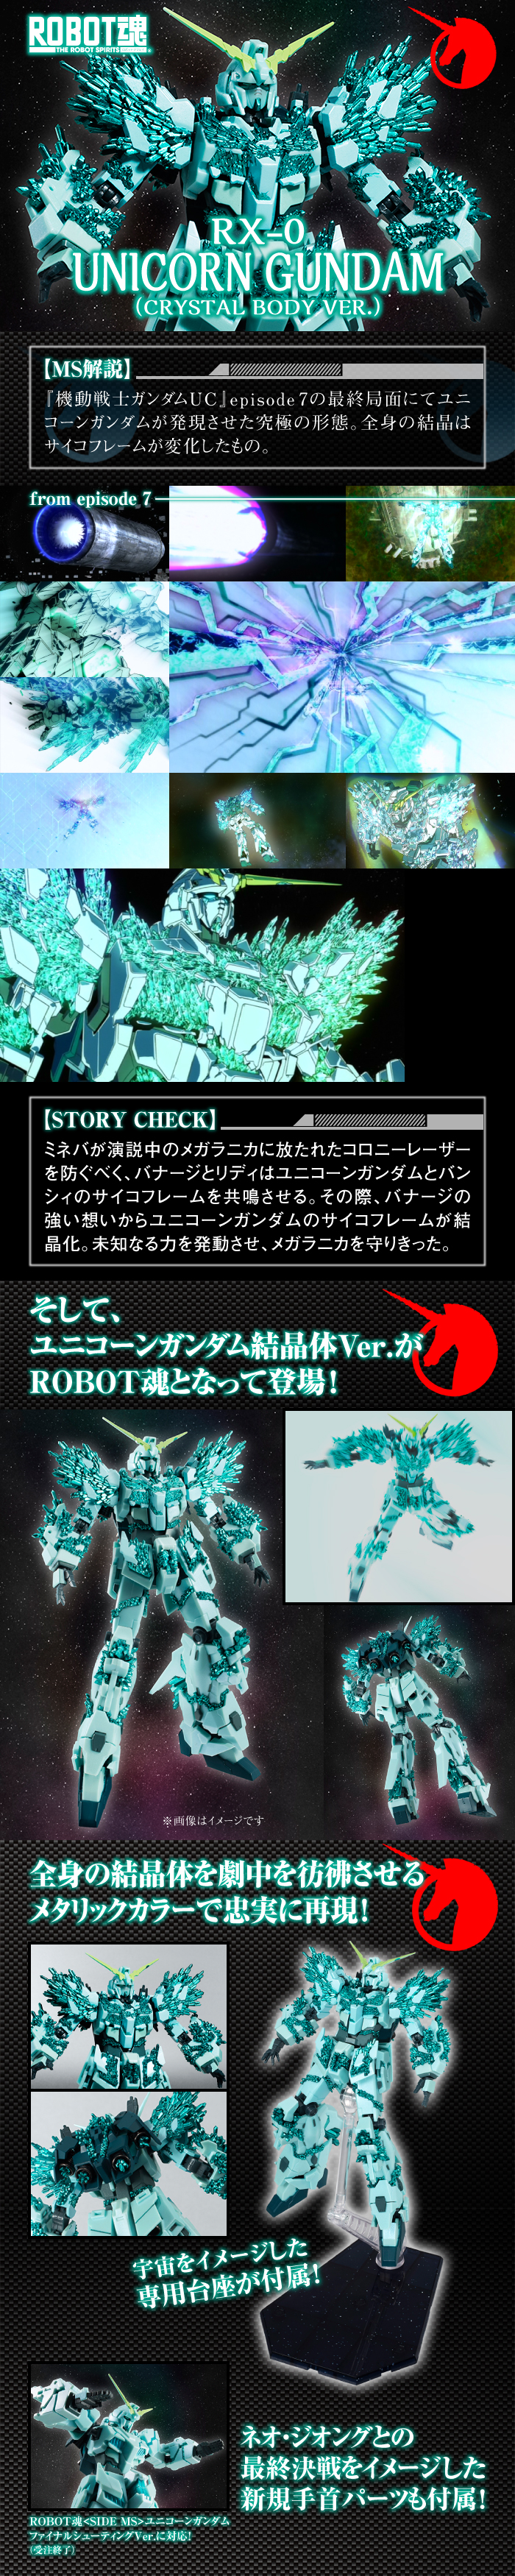 ROBOT魂 RX-0 UNICORN GUNDAM (CRYSTAL BODY VER.)